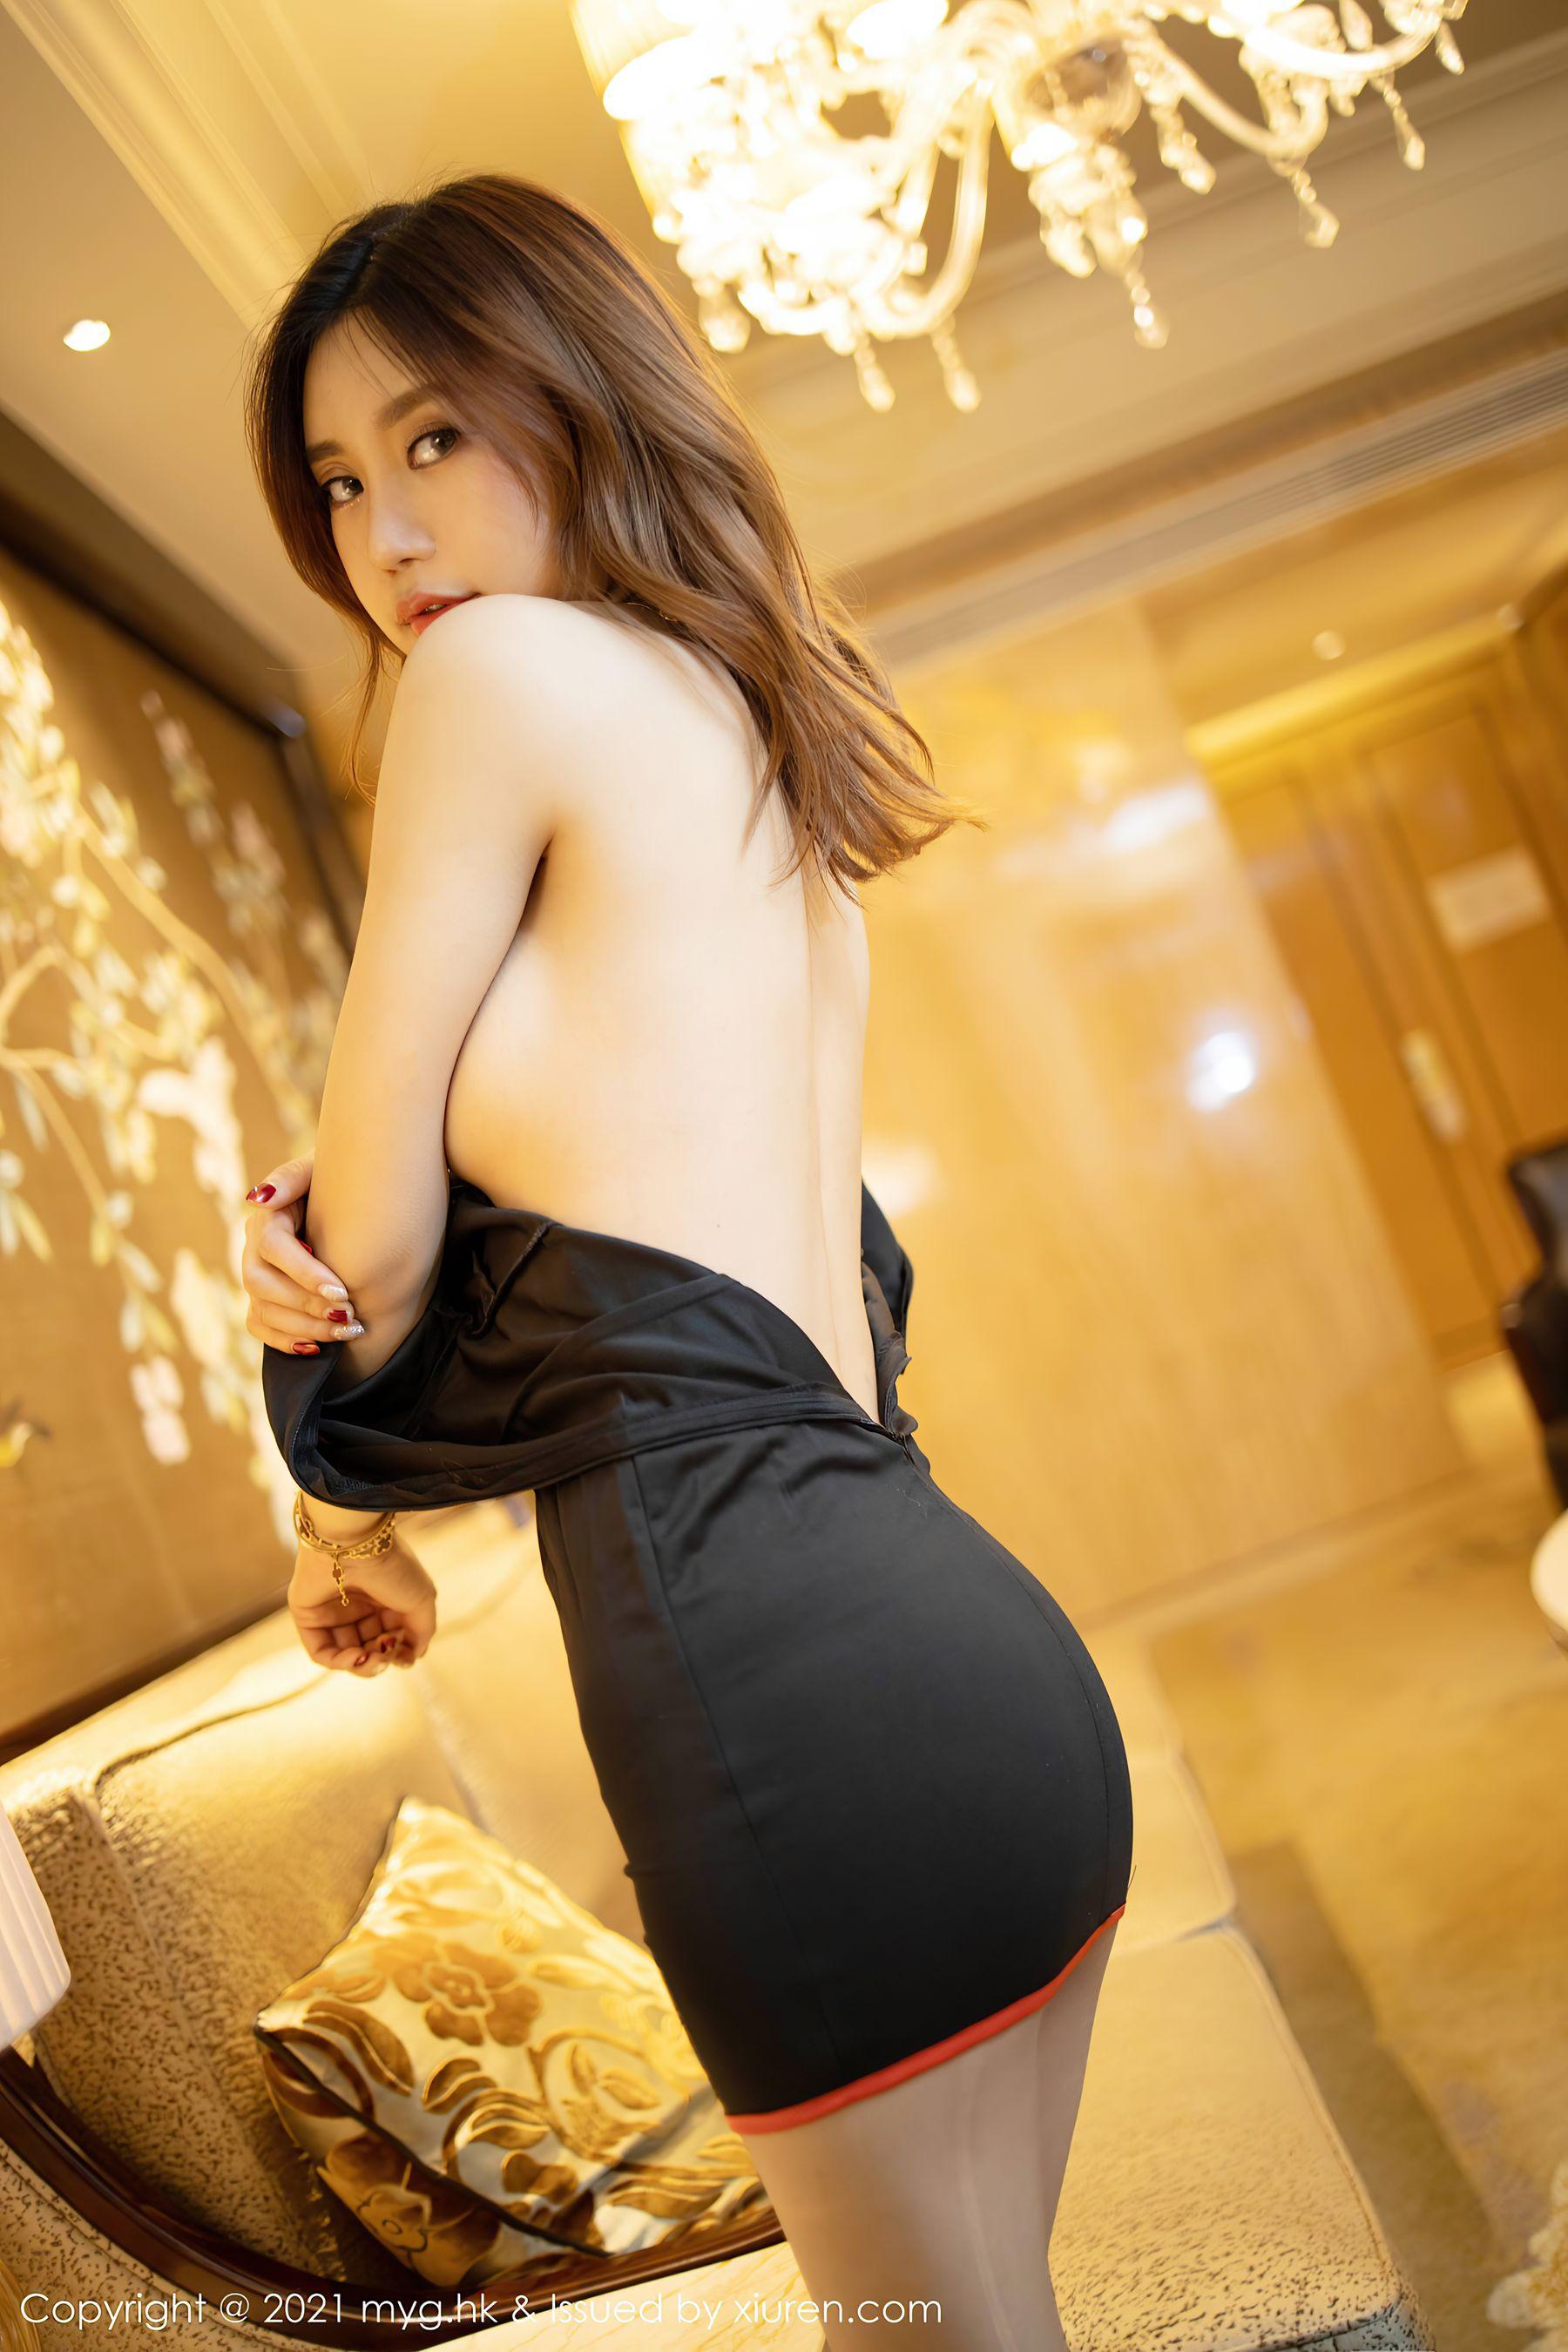 VOL.1809 [美媛馆]翘臀丝袜美臀情趣制服:Carina梦绮(绮里嘉Ula)超高清写真套图(61P)